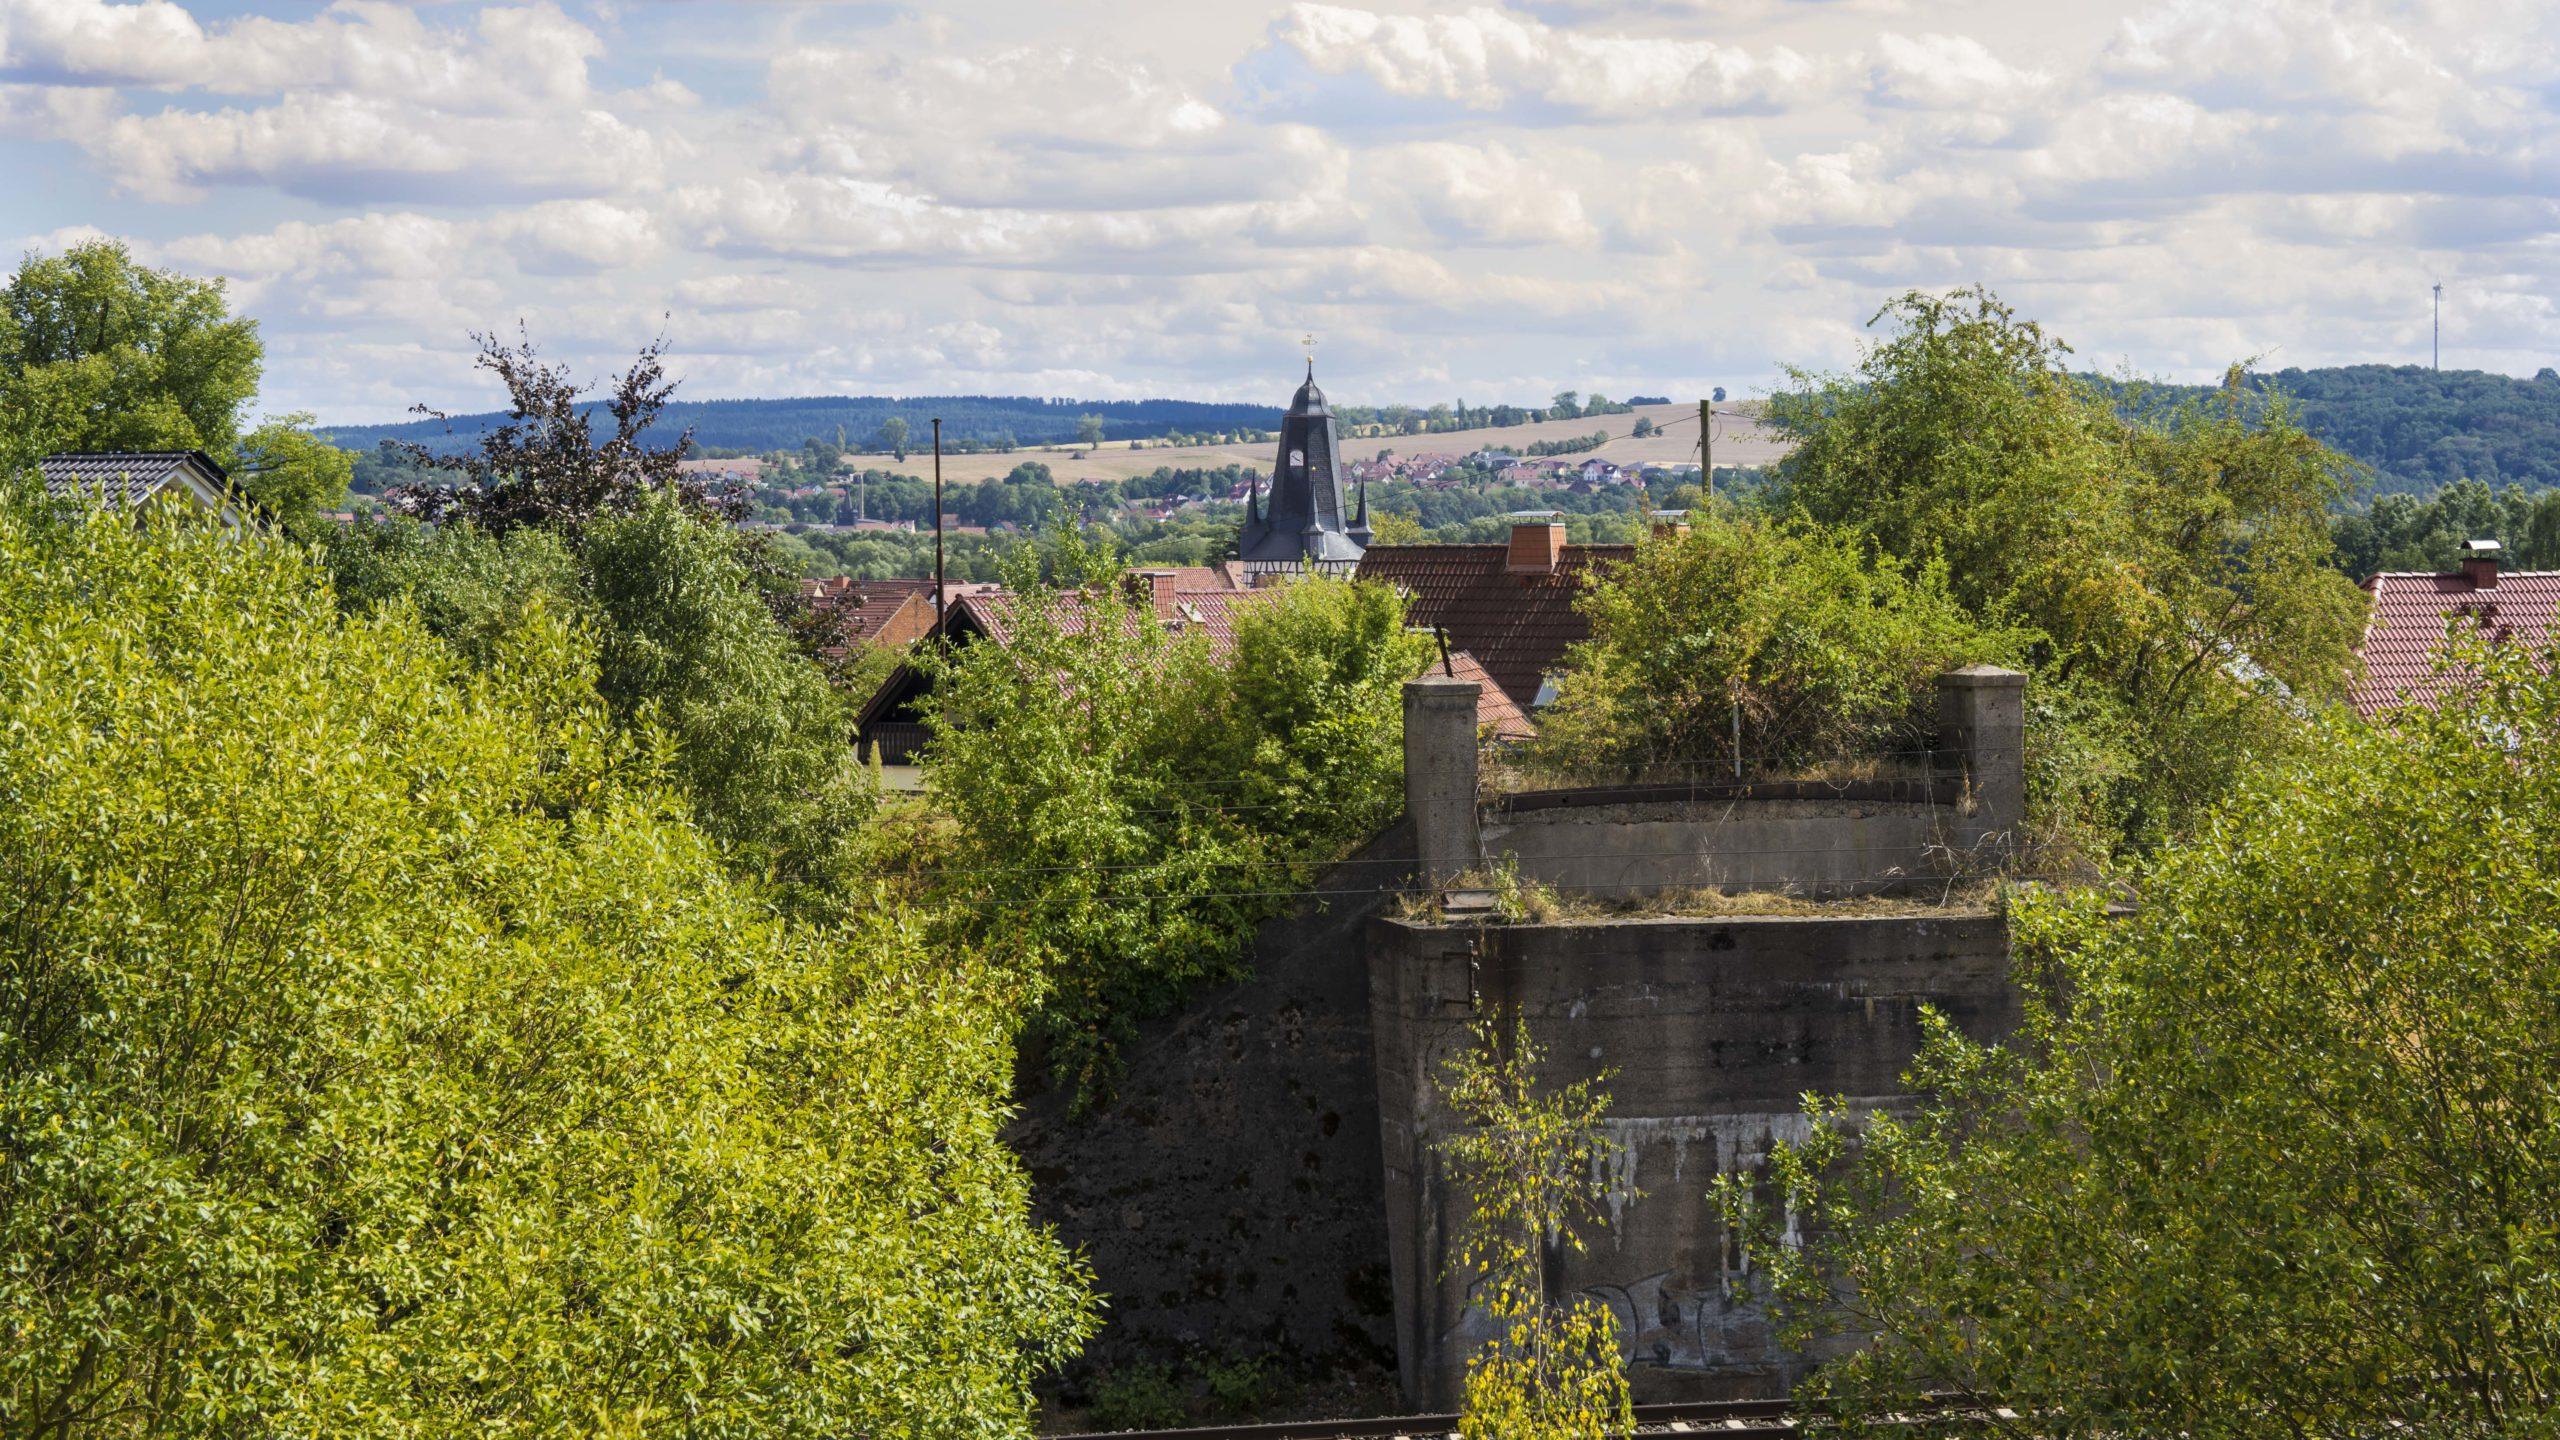 Blick über den Bahndamm zur Rundkirche in Untersuhl